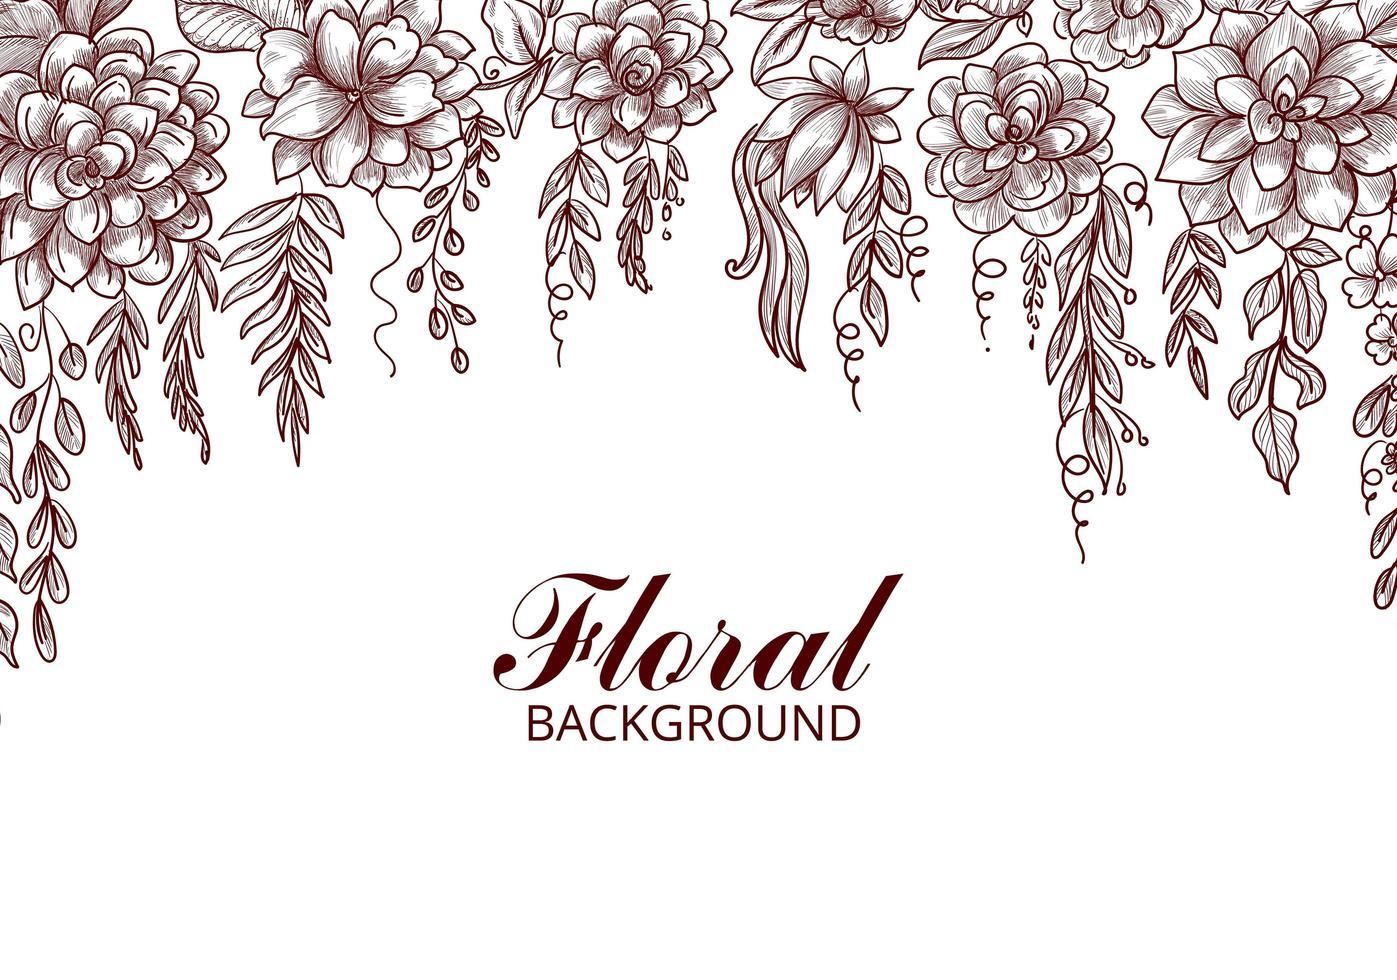 fond de croquis de fleur dessiné main décoratif vecteur